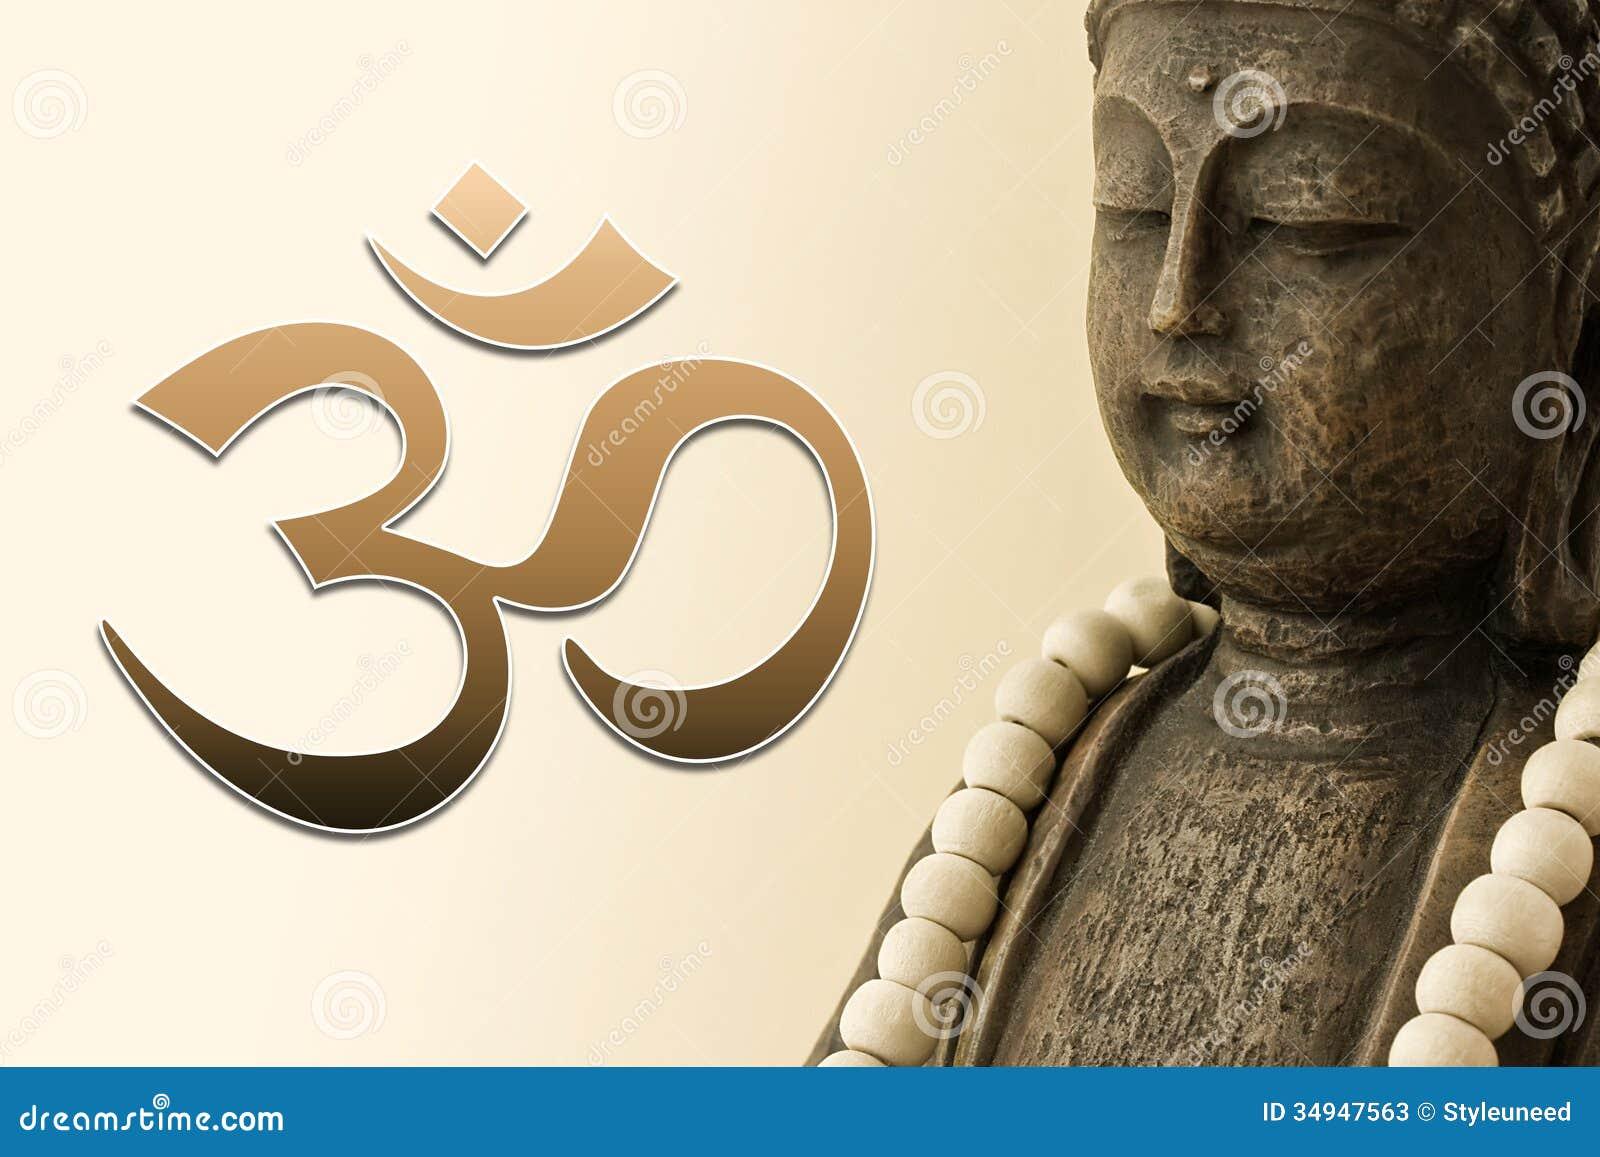 chiffre de bouddha et symbole de l 39 om image stock image du symbolique bead 34947563. Black Bedroom Furniture Sets. Home Design Ideas